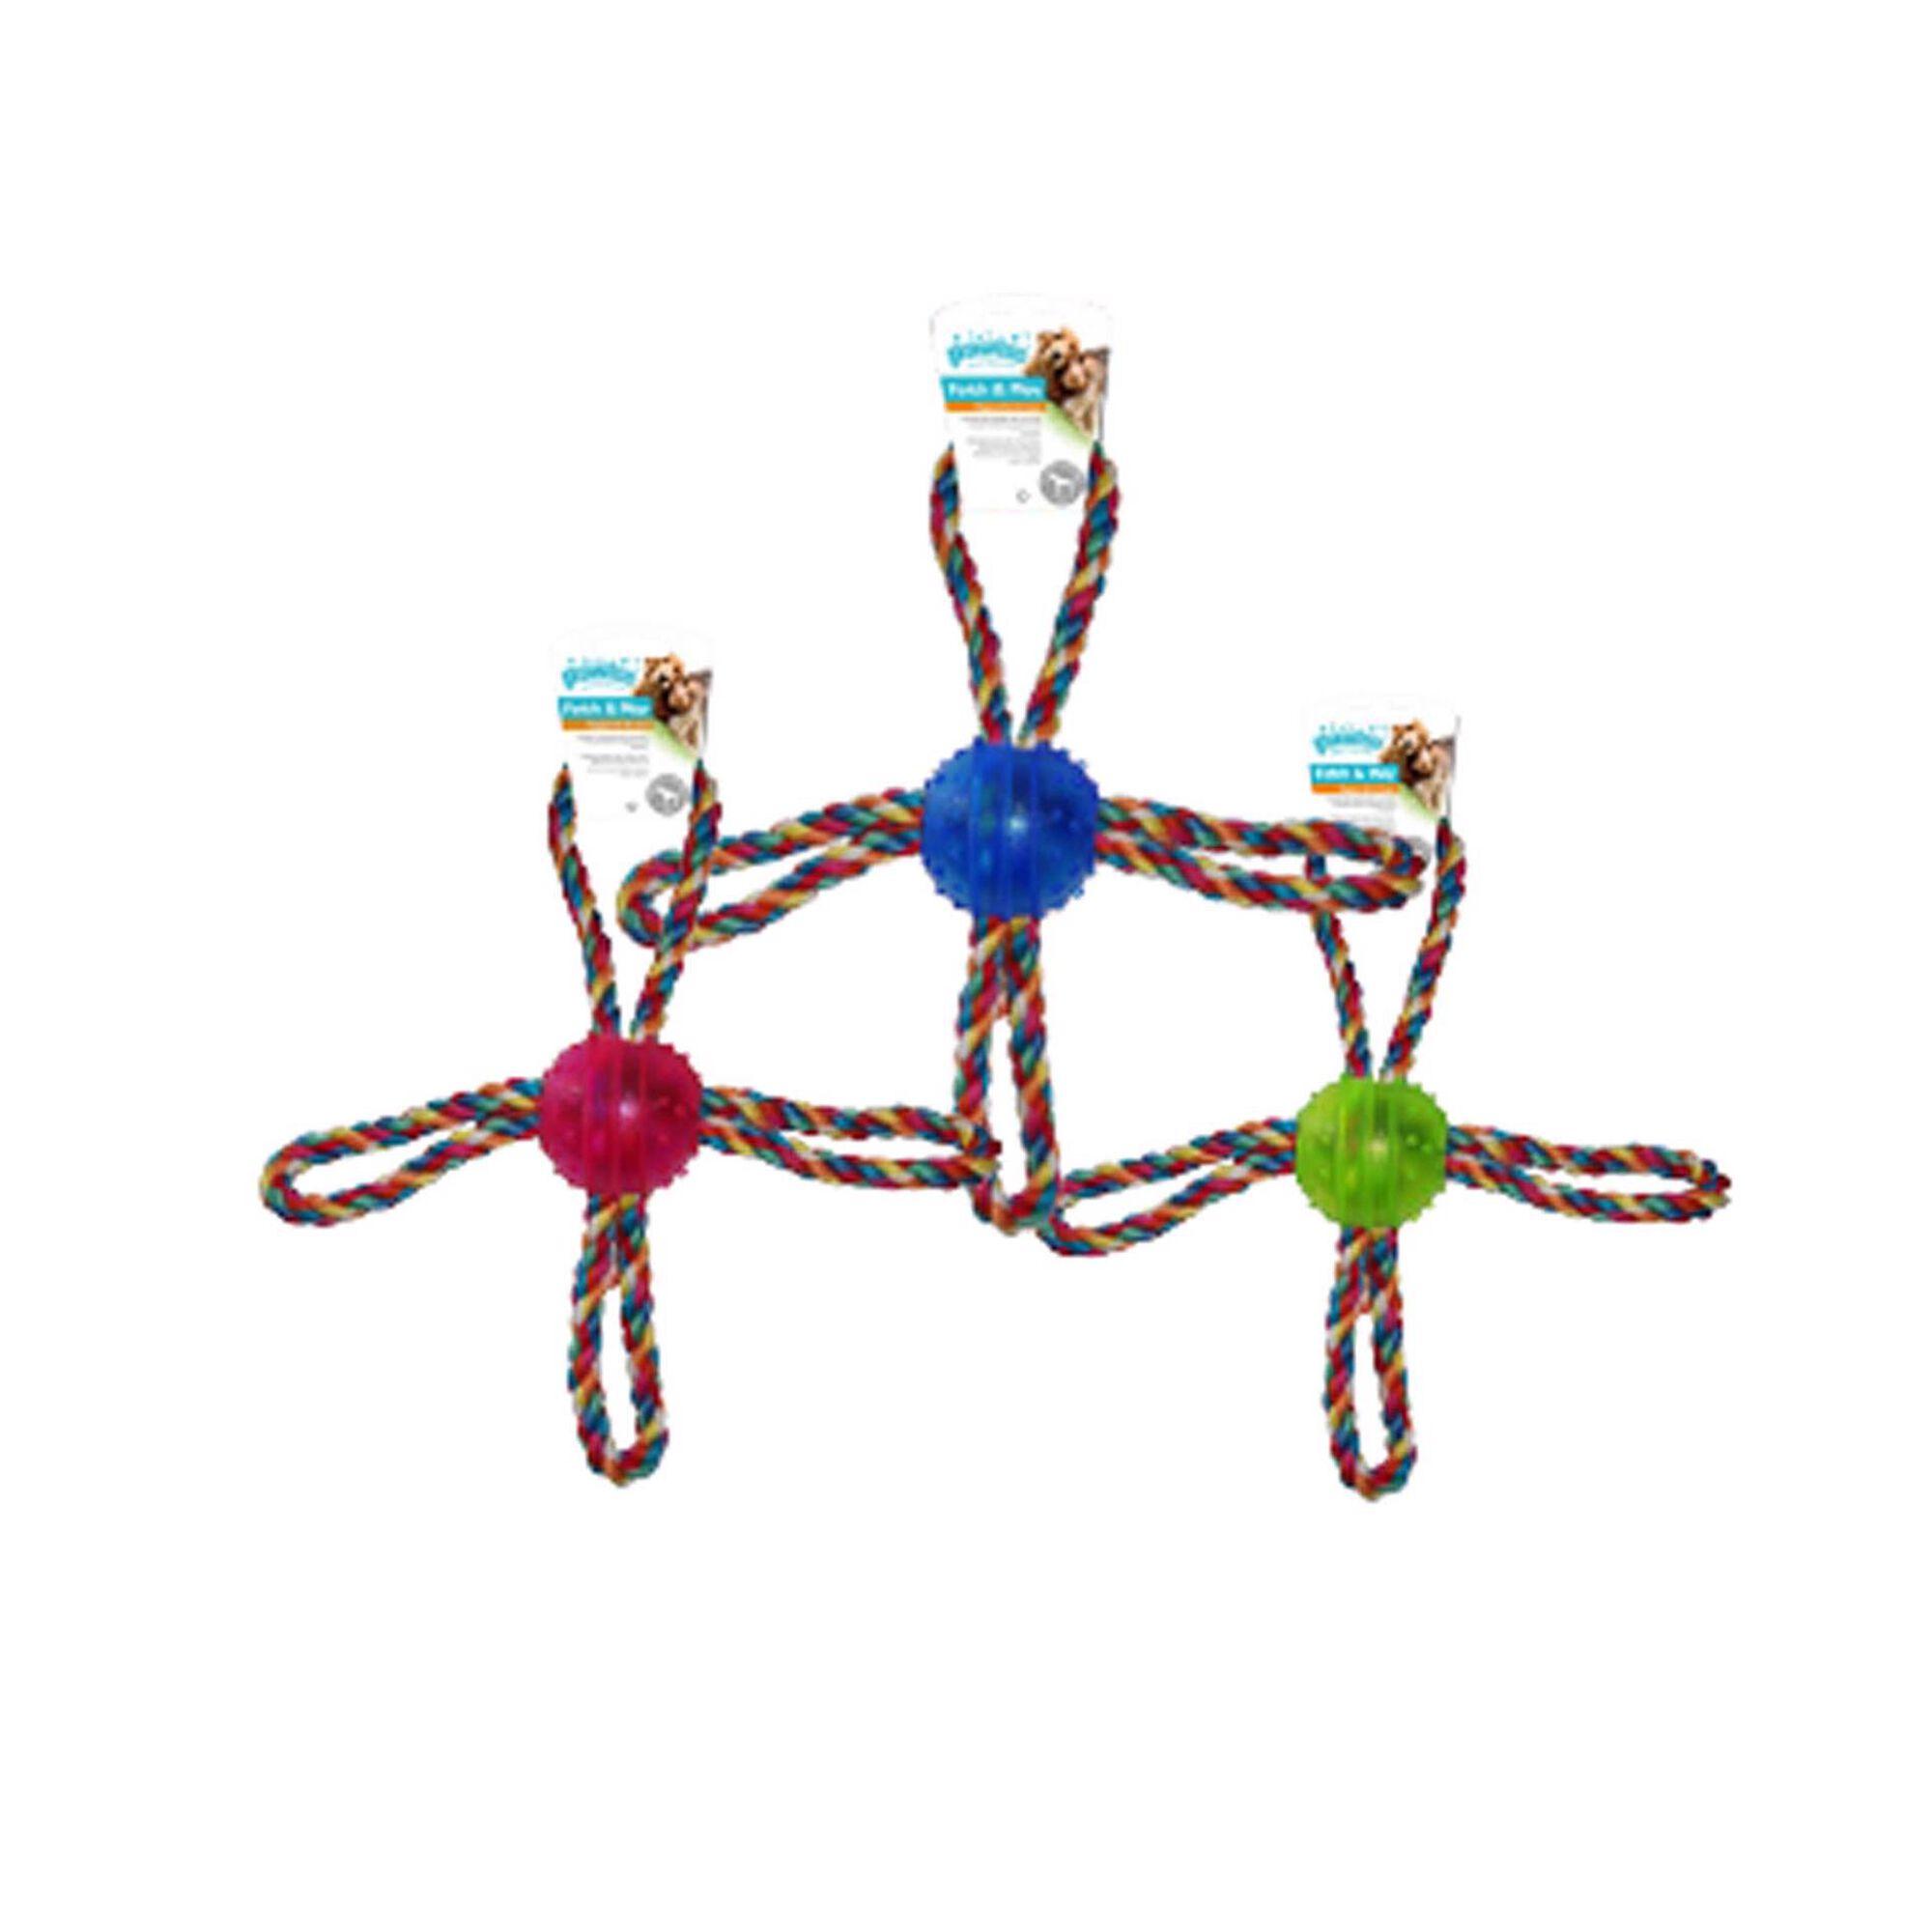 Bola para Cão TPR com Cordas 26 cm